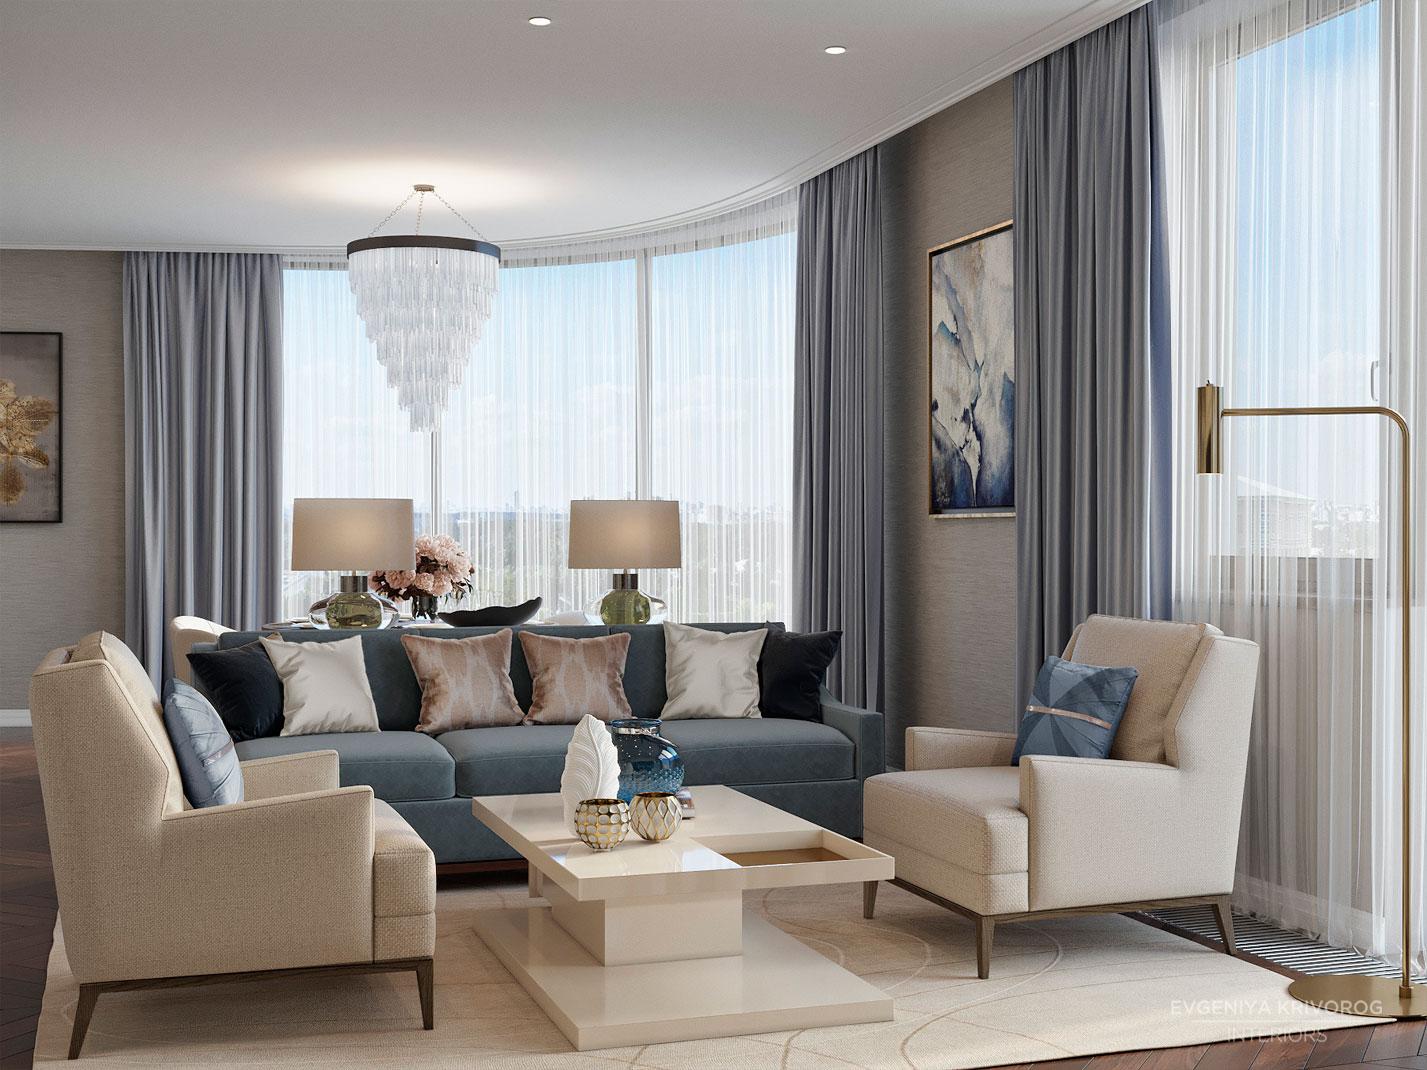 Жилой комплекс Воробьев Дом дизайн гостиной | дизайн студия Евгении Криворог